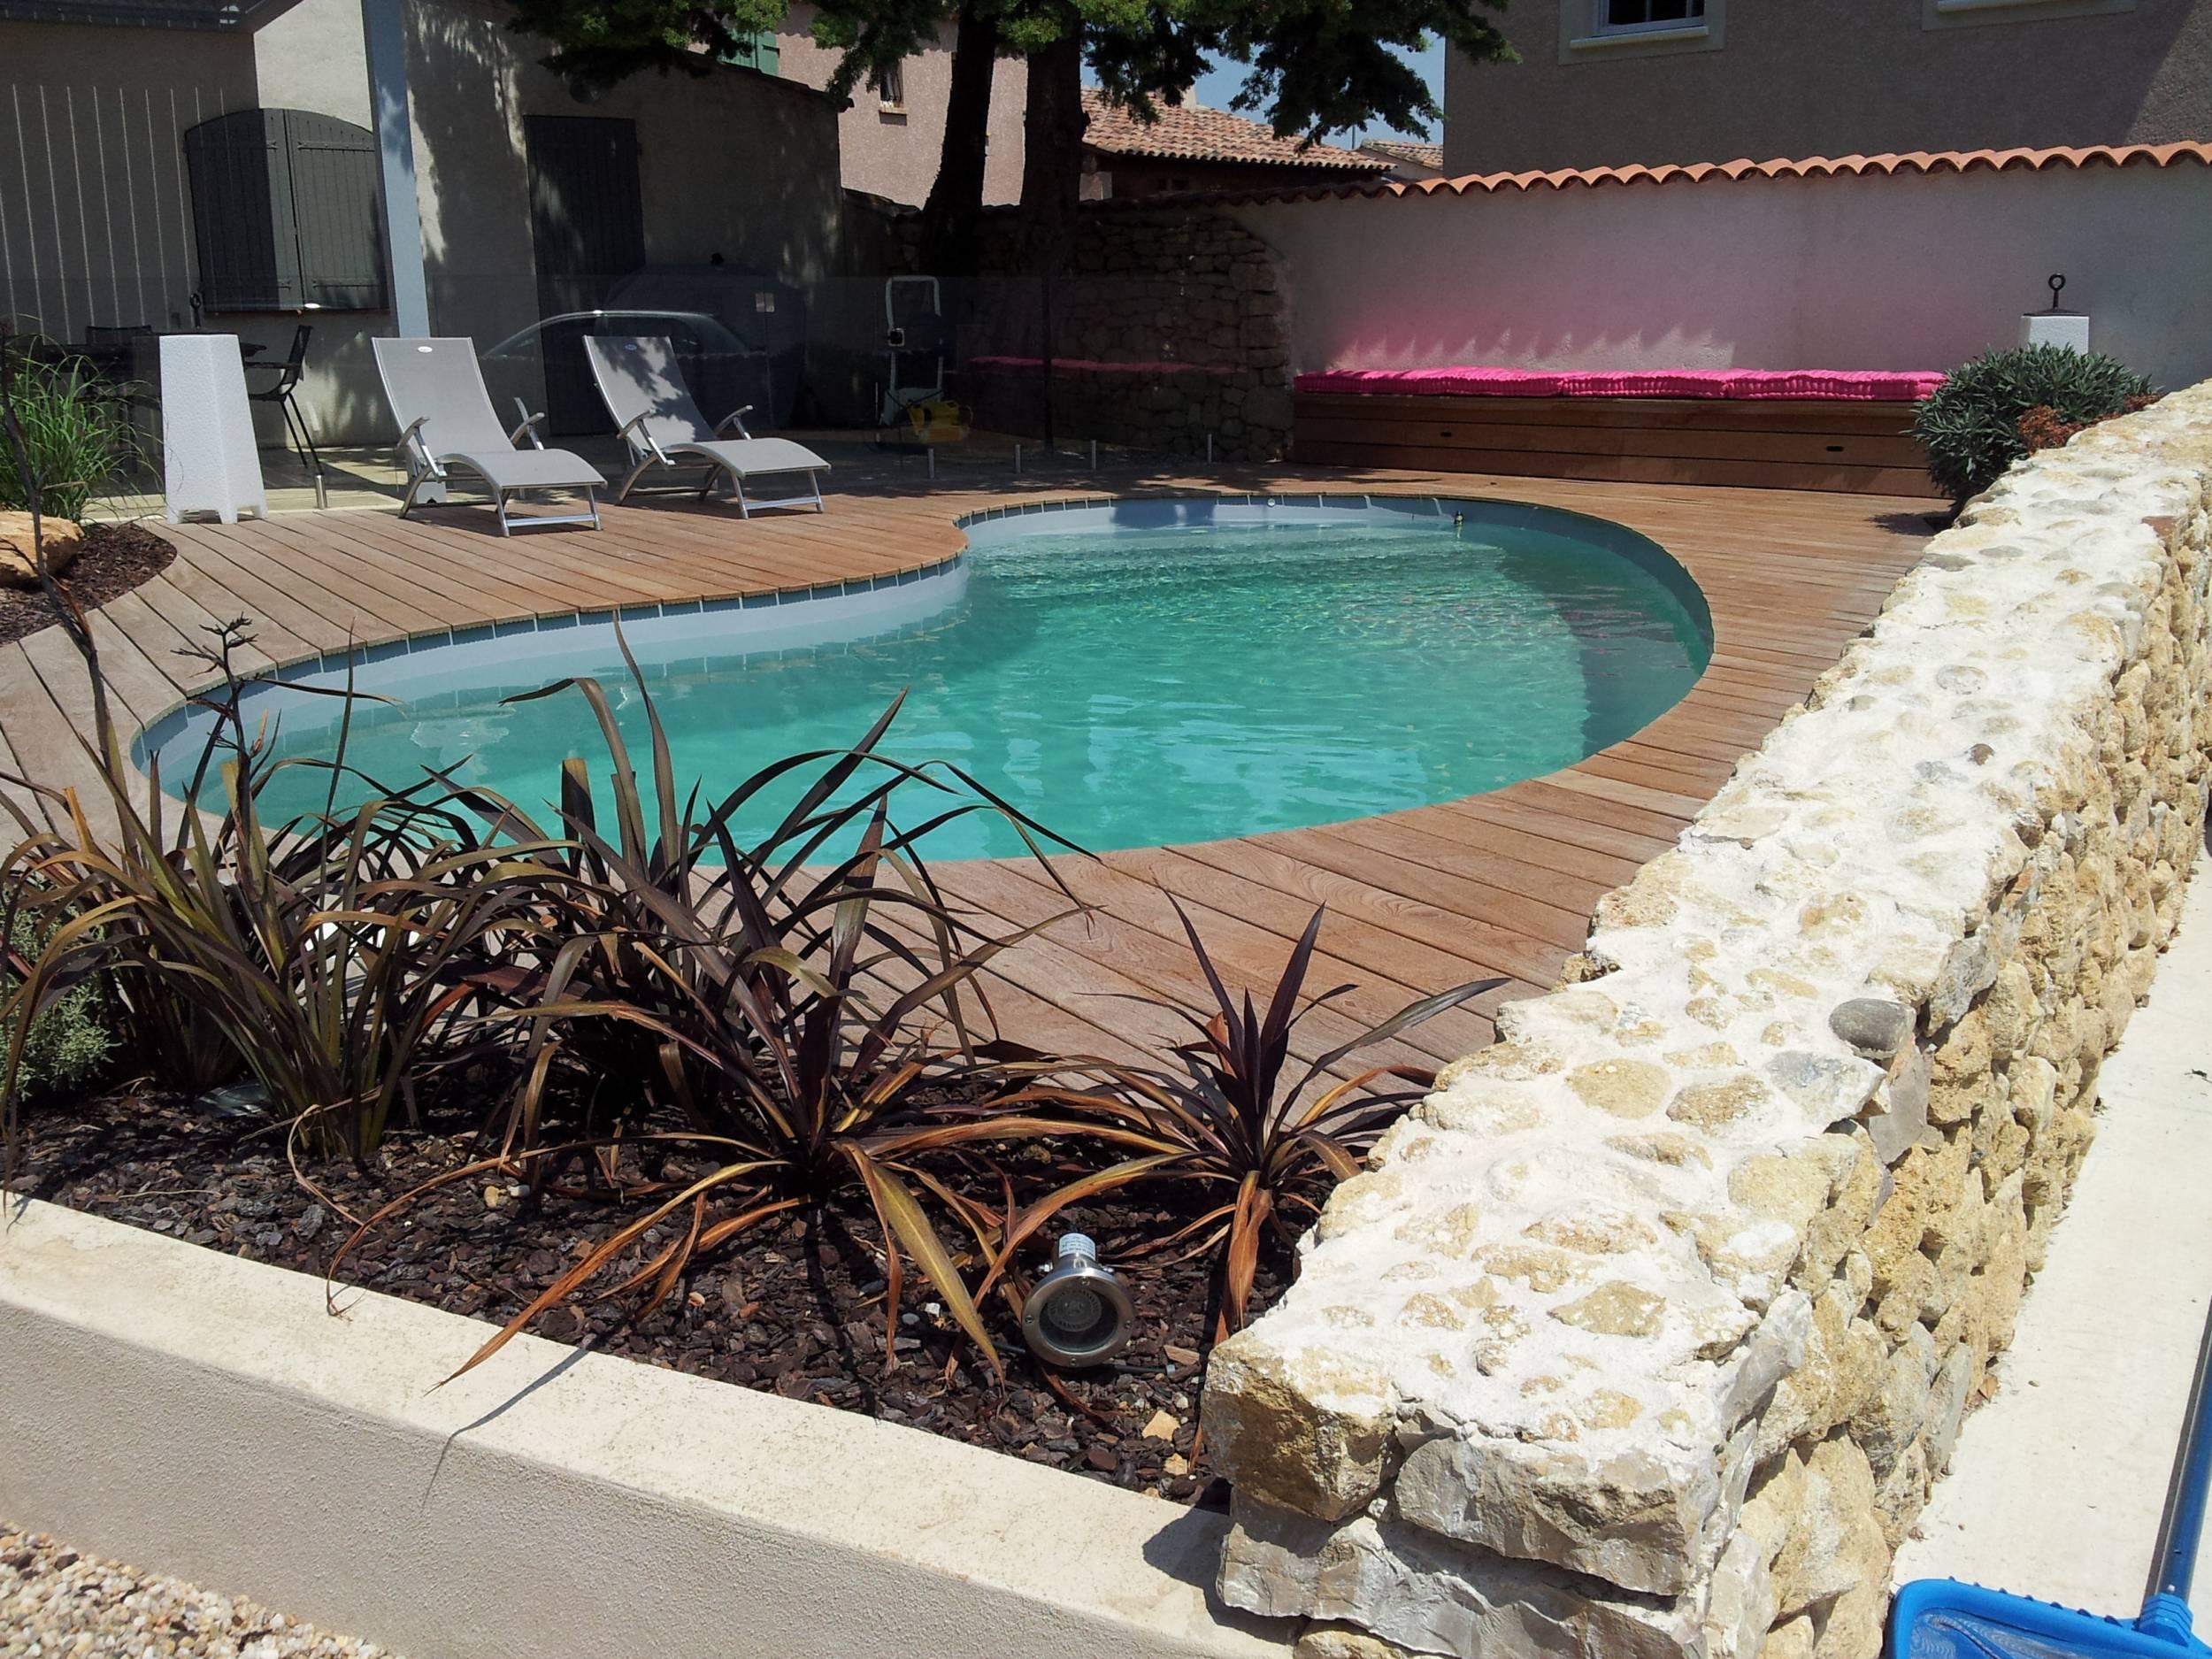 Tour de piscine en ipe lisse du bresil salon de provence - Amenagement piscine bois aixen provence ...